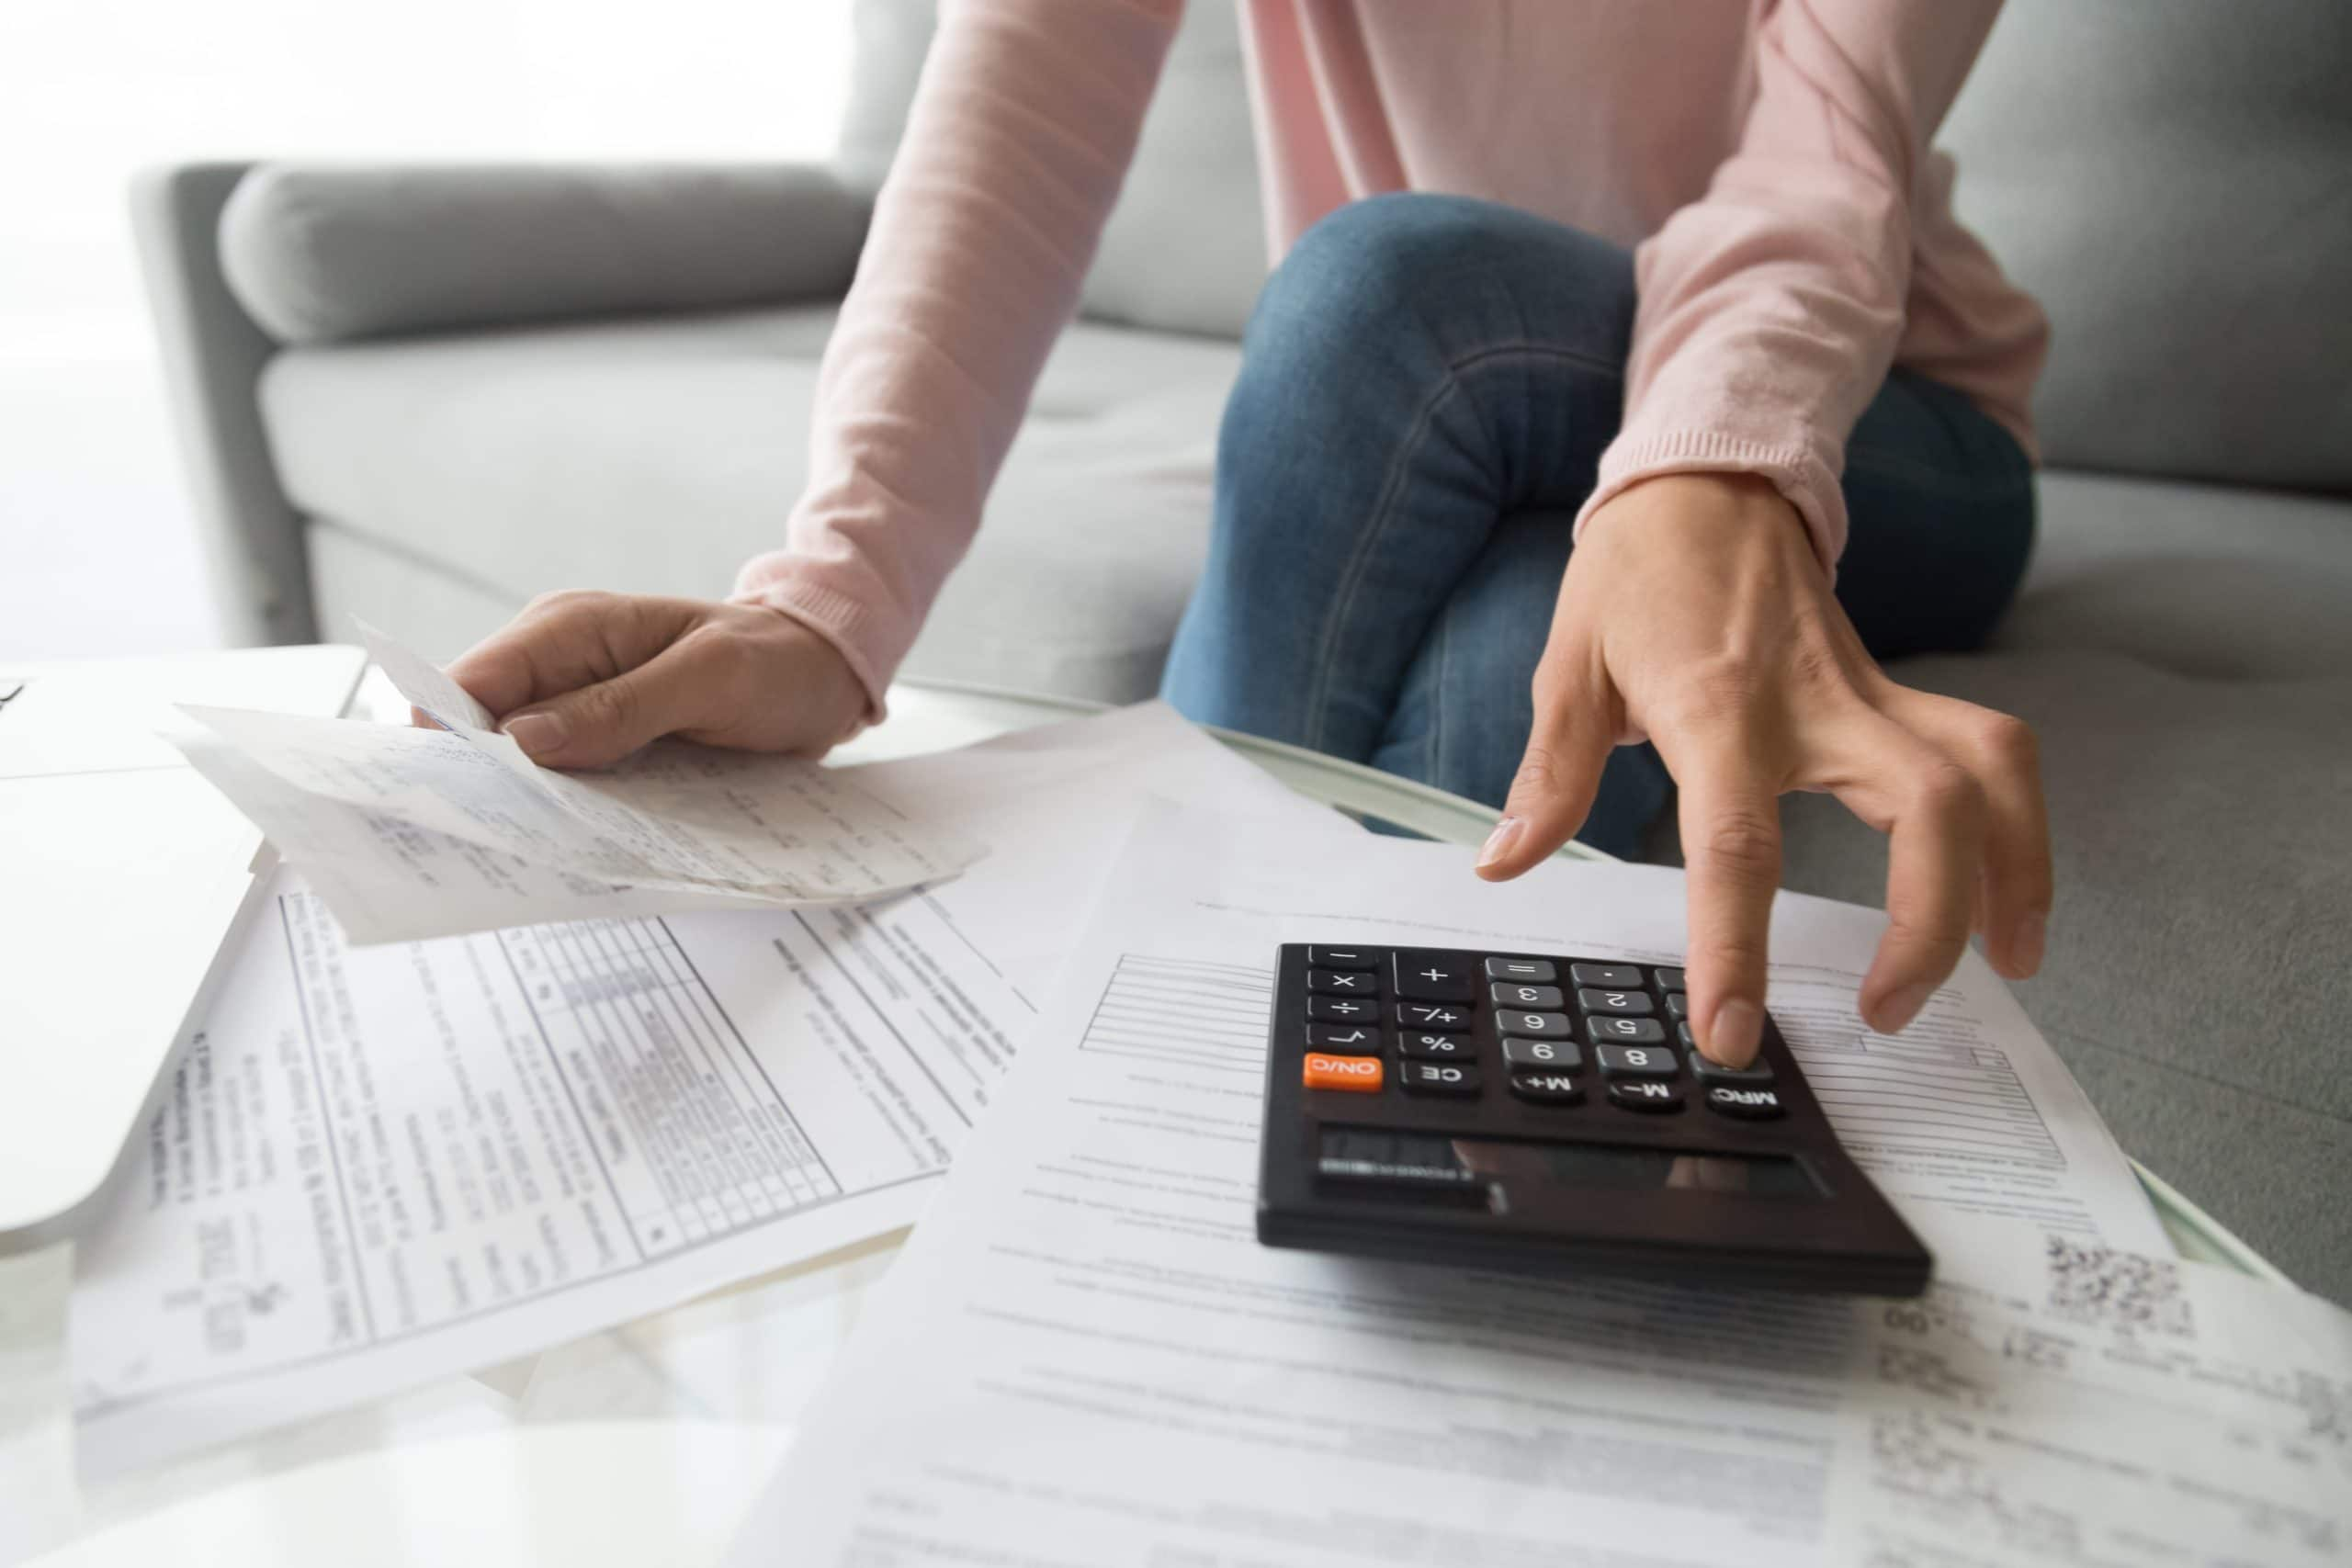 Rentefradrag: Fradrag for dine renteudgifter